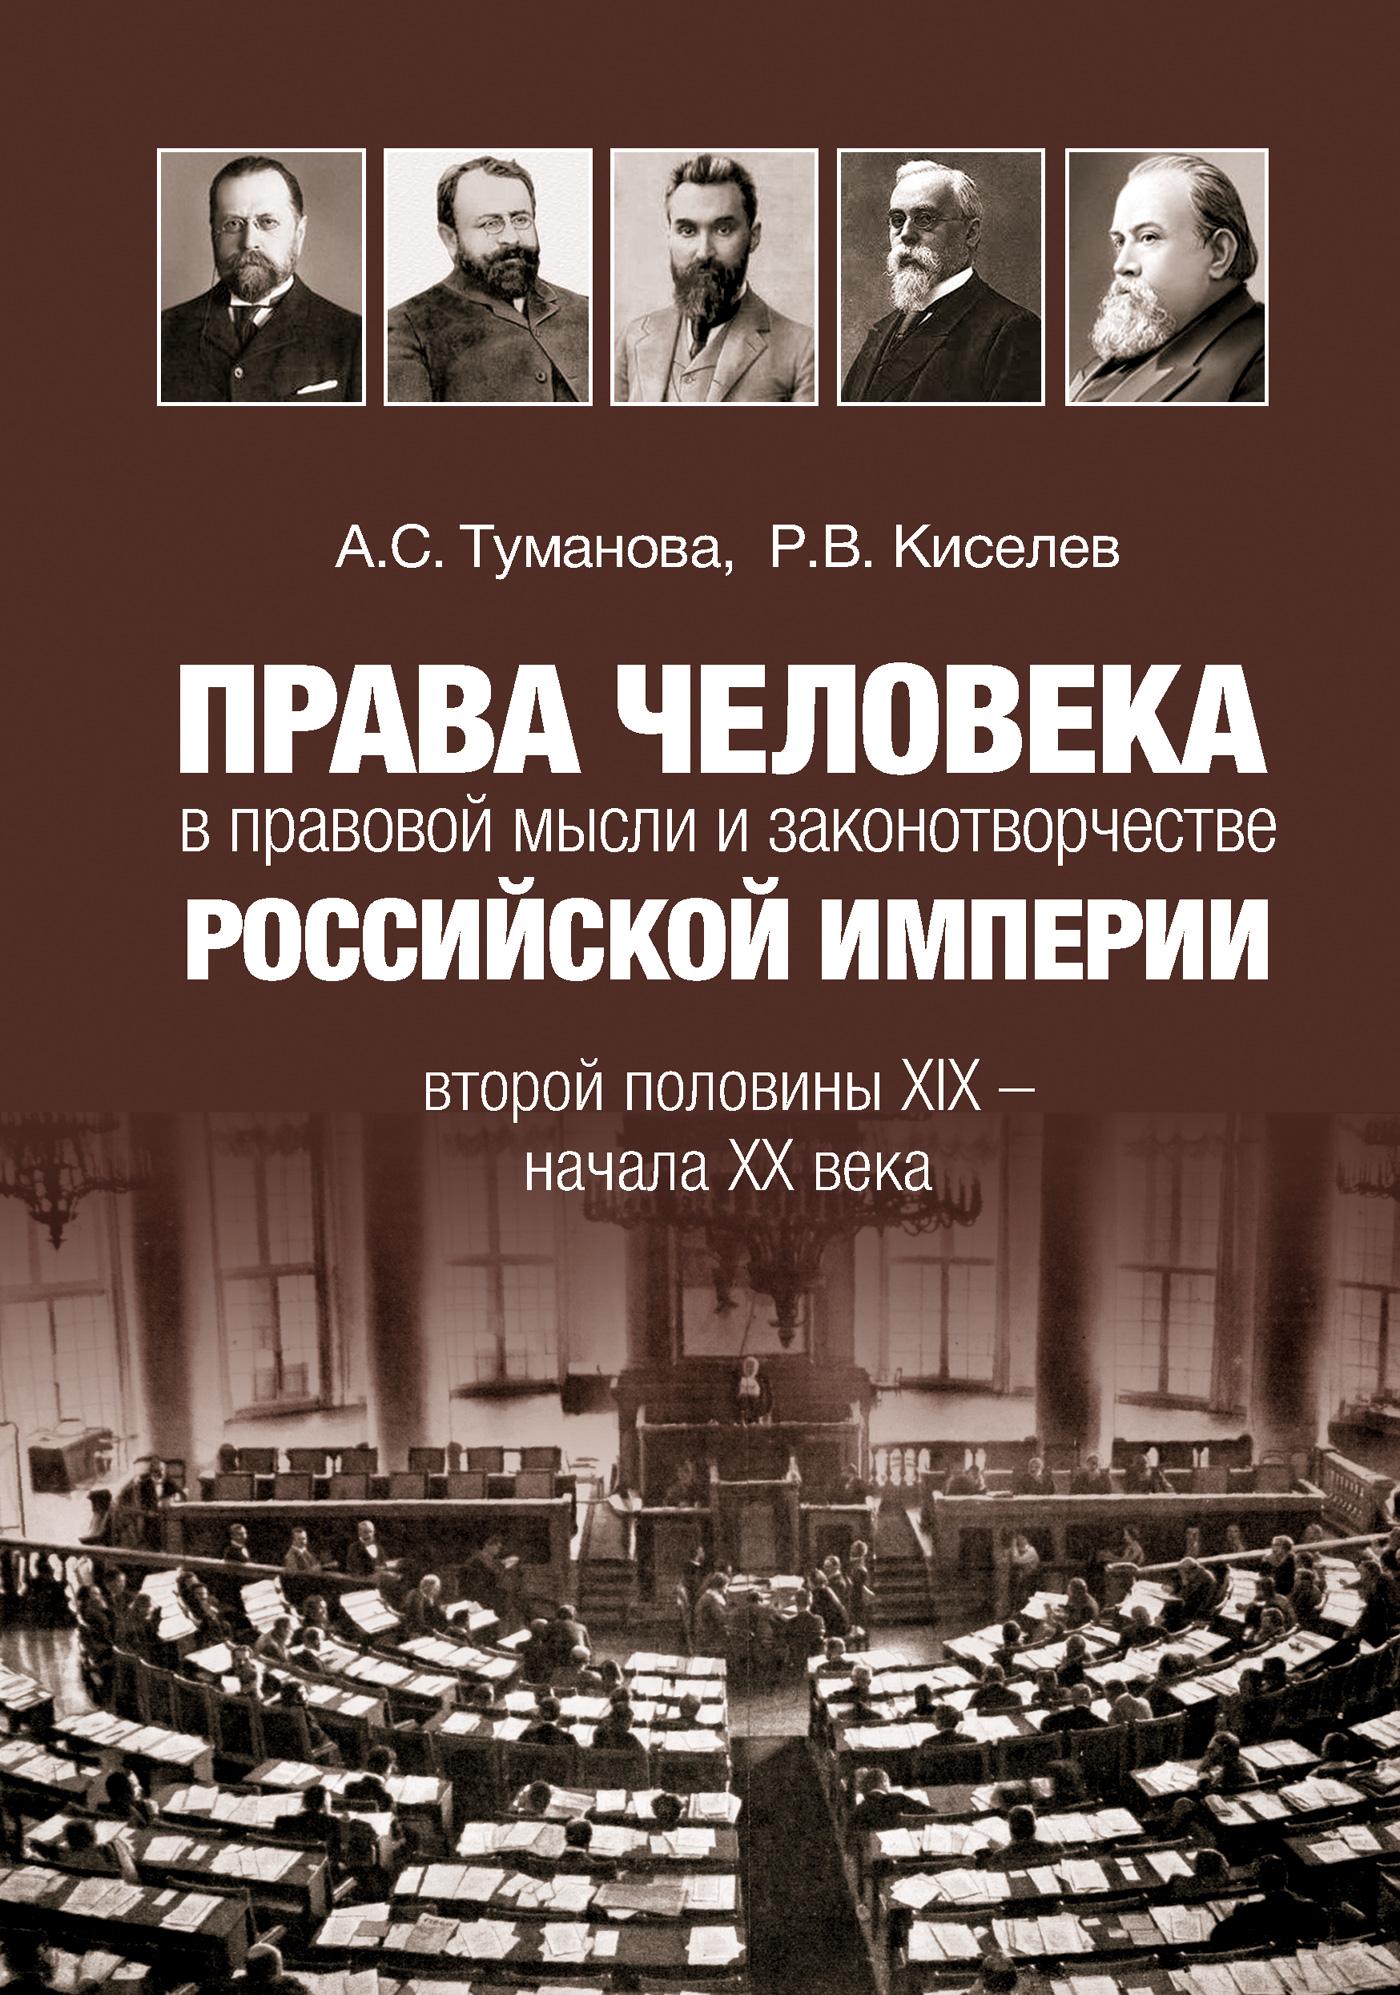 Права человека в правовой мысли и законотворчестве Российской империи второй половины XIX – начала XX века